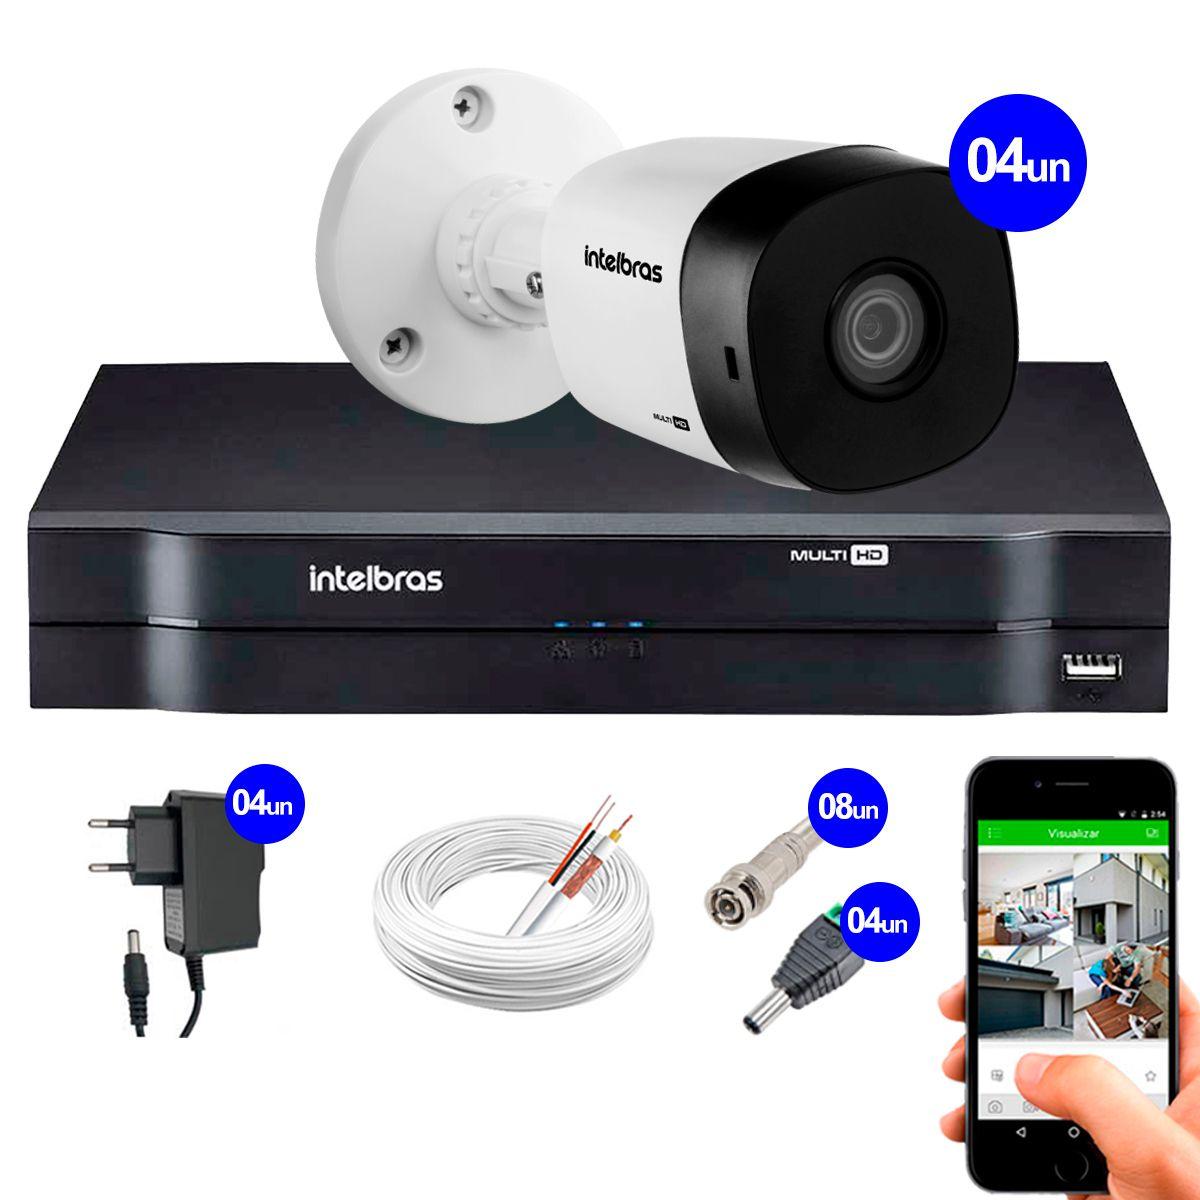 Kit 4 Câmeras VHD 1120 B G5 + DVR Intelbras + App Grátis de Monitoramento, Câmeras HD 720p 20m Infravermelho de Visão Noturna Intelbras + Fonte, Cabos e Acessórios  - Tudo Forte